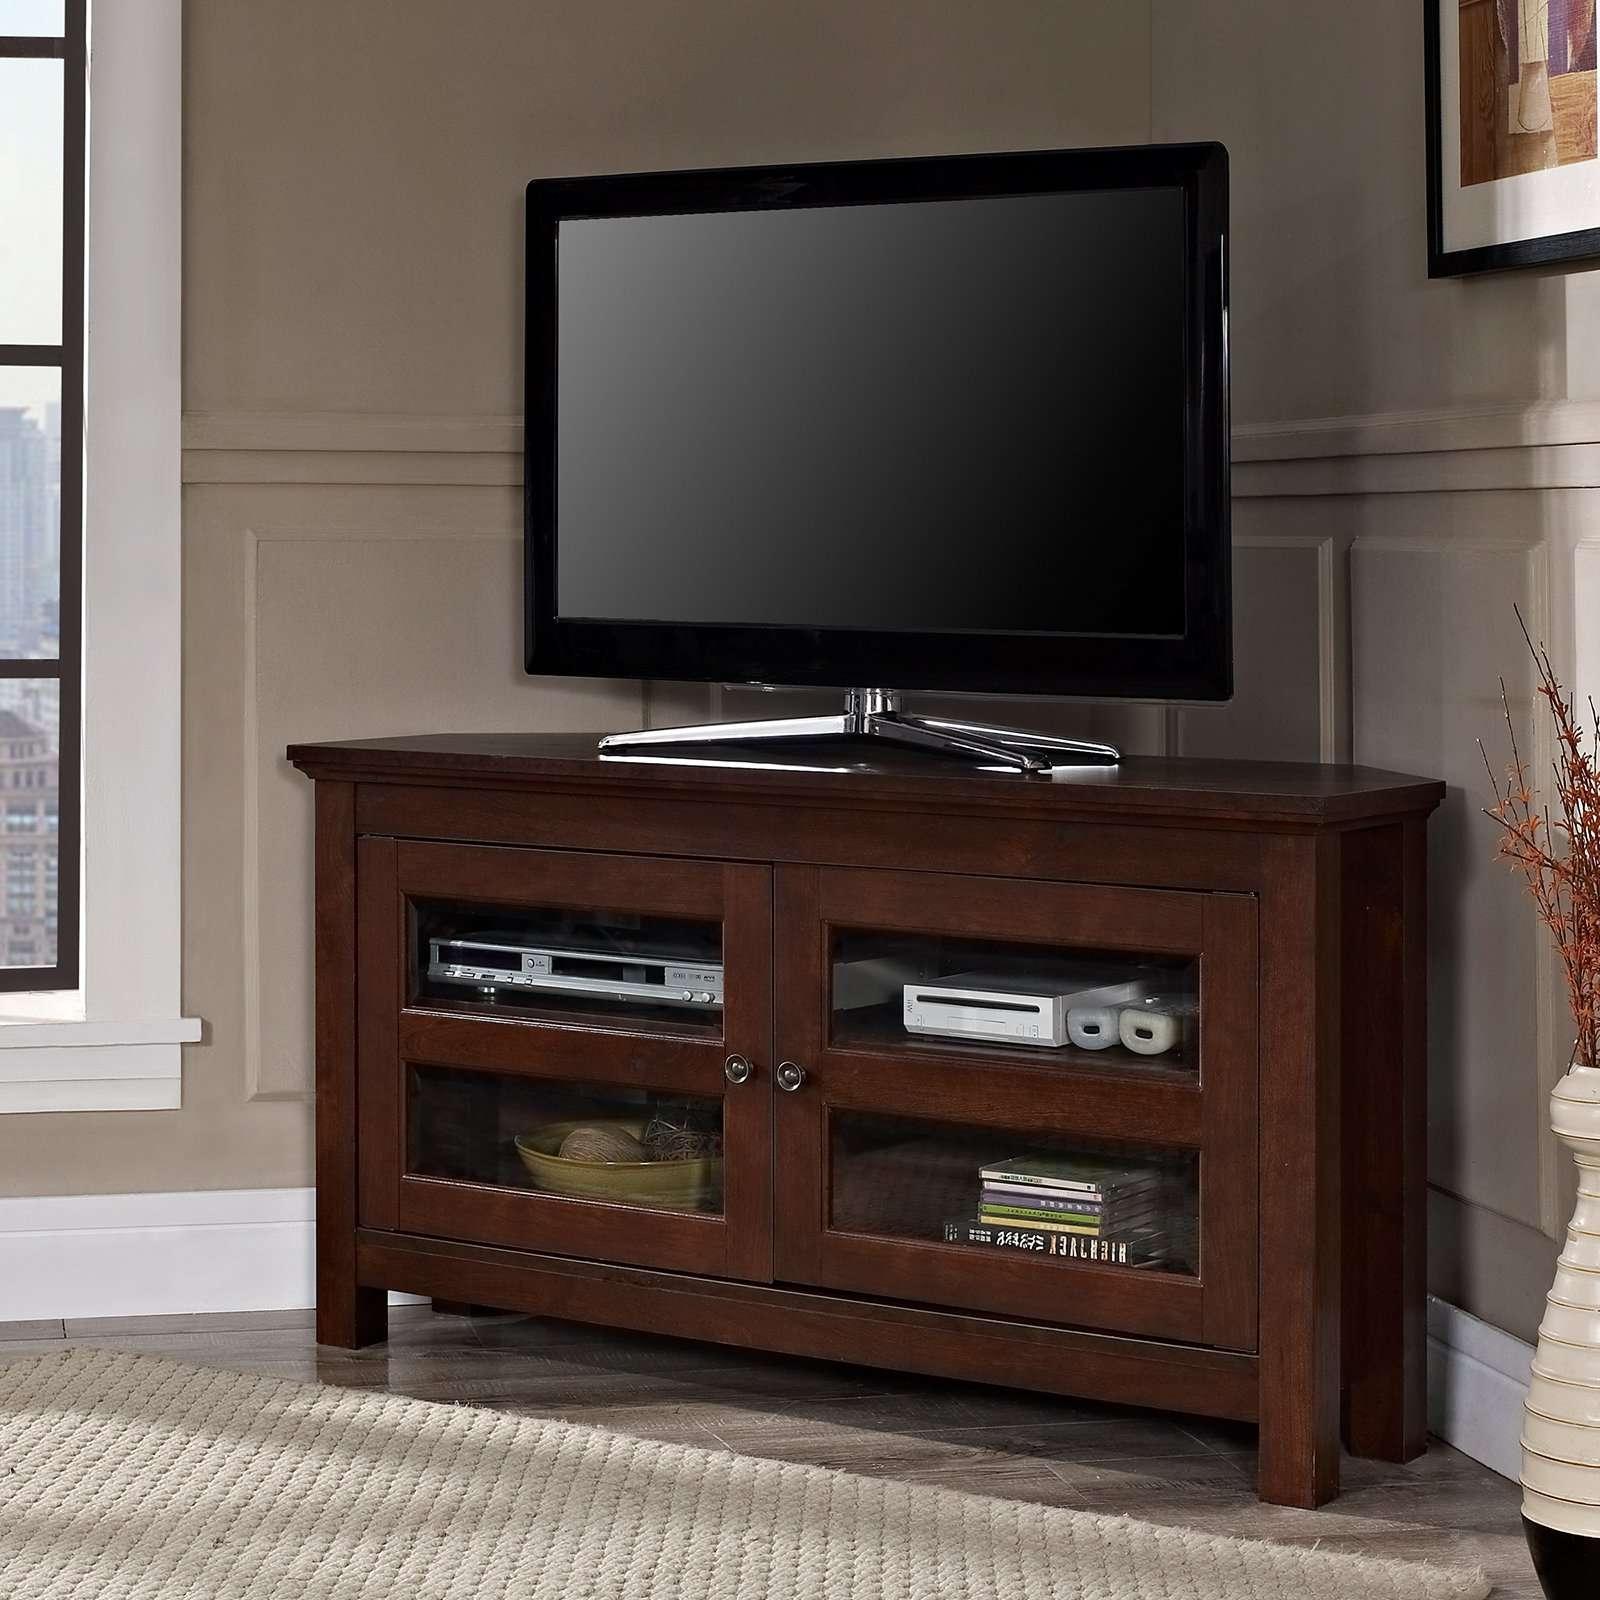 Tv : Expresso Tv Stands Imposing Espresso Tv Stands' Inviting Regarding Expresso Tv Stands (View 9 of 15)